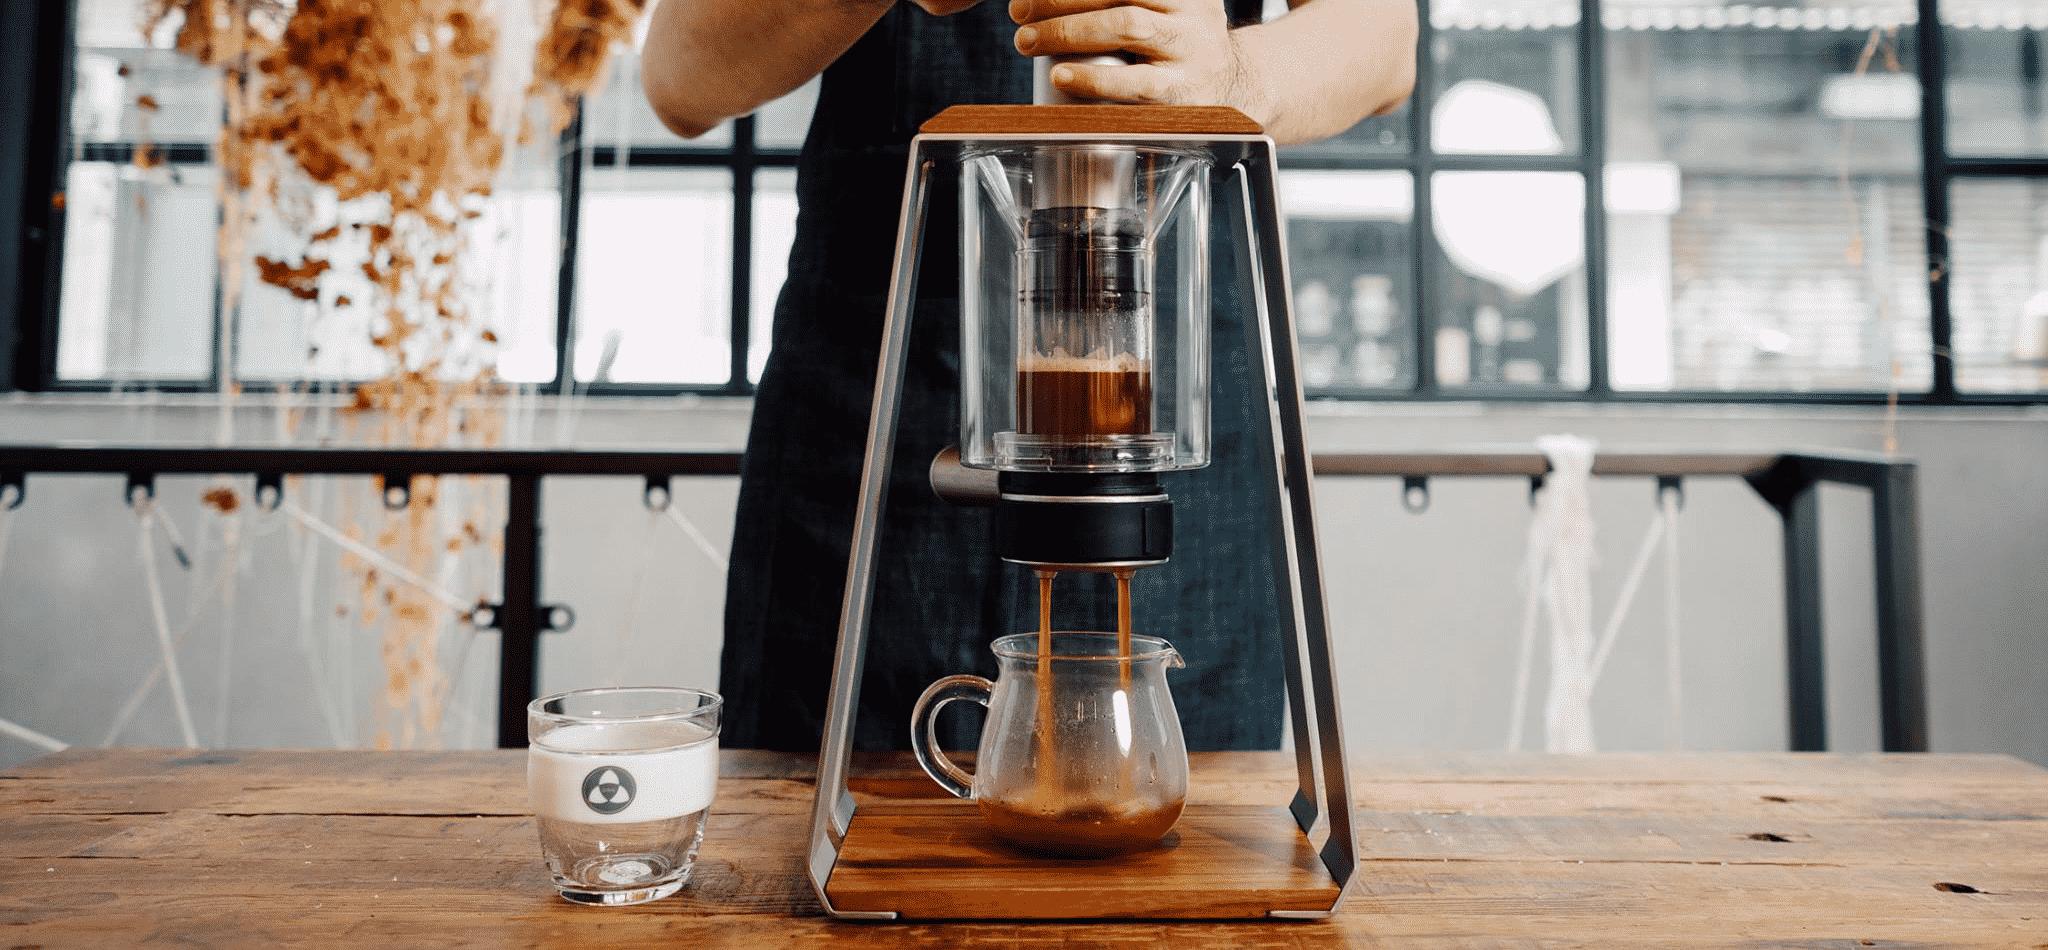 Trinity coffee brewer